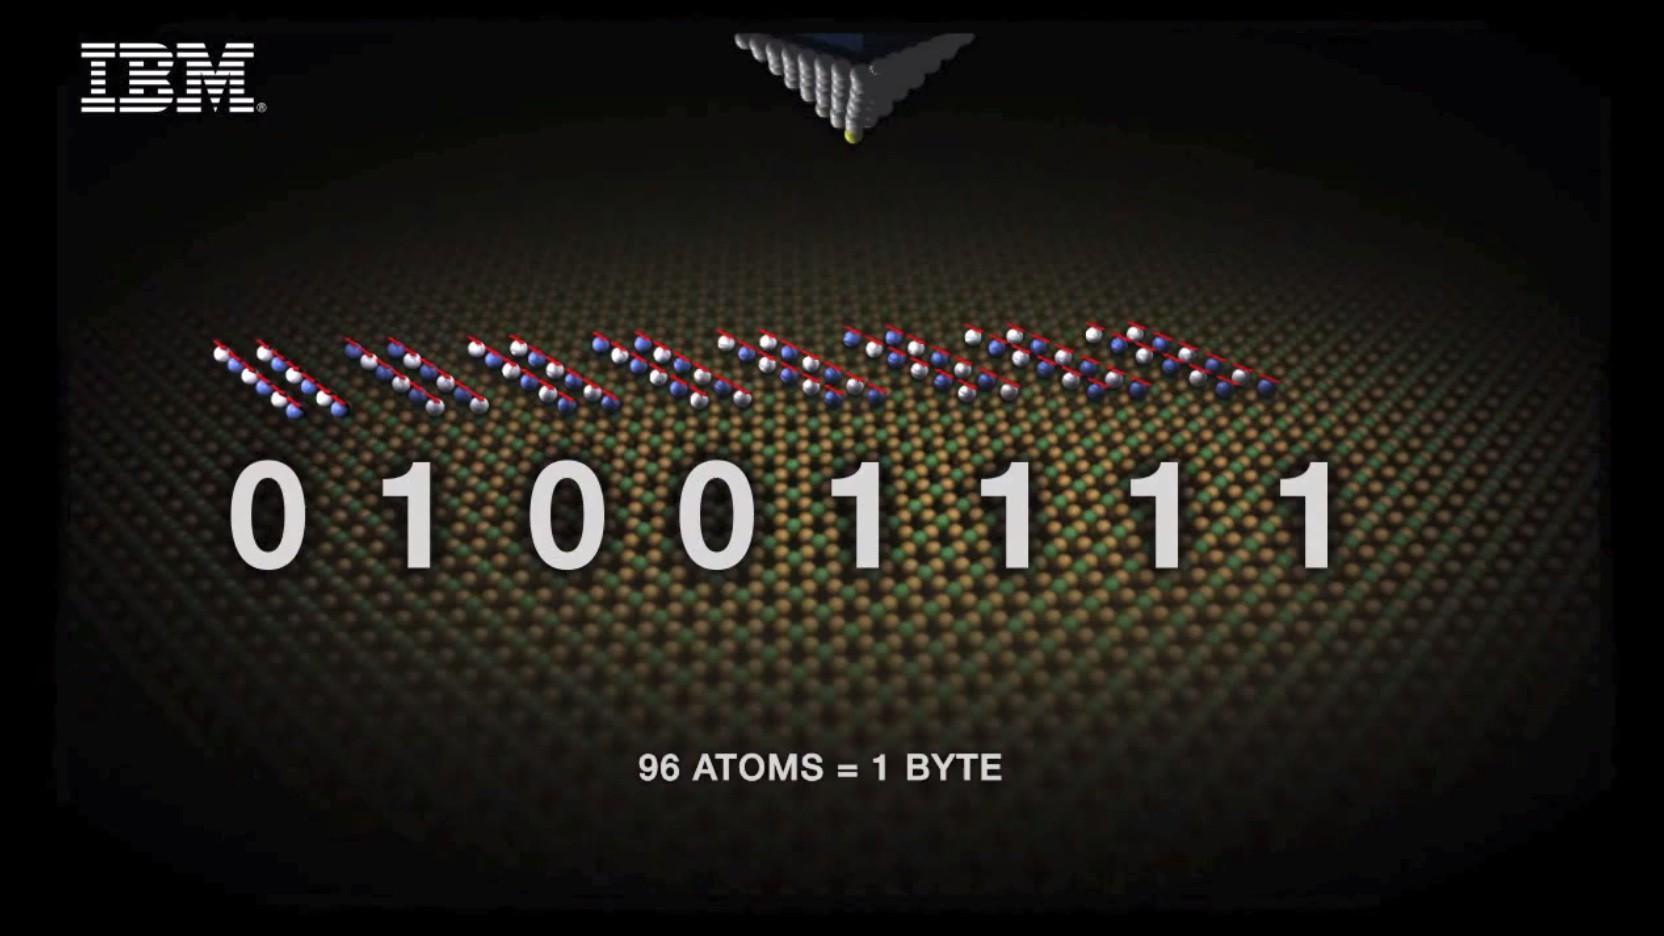 Extreme Speicherdichte: IBM speichert 1 Bit in nur 12 Atomen -